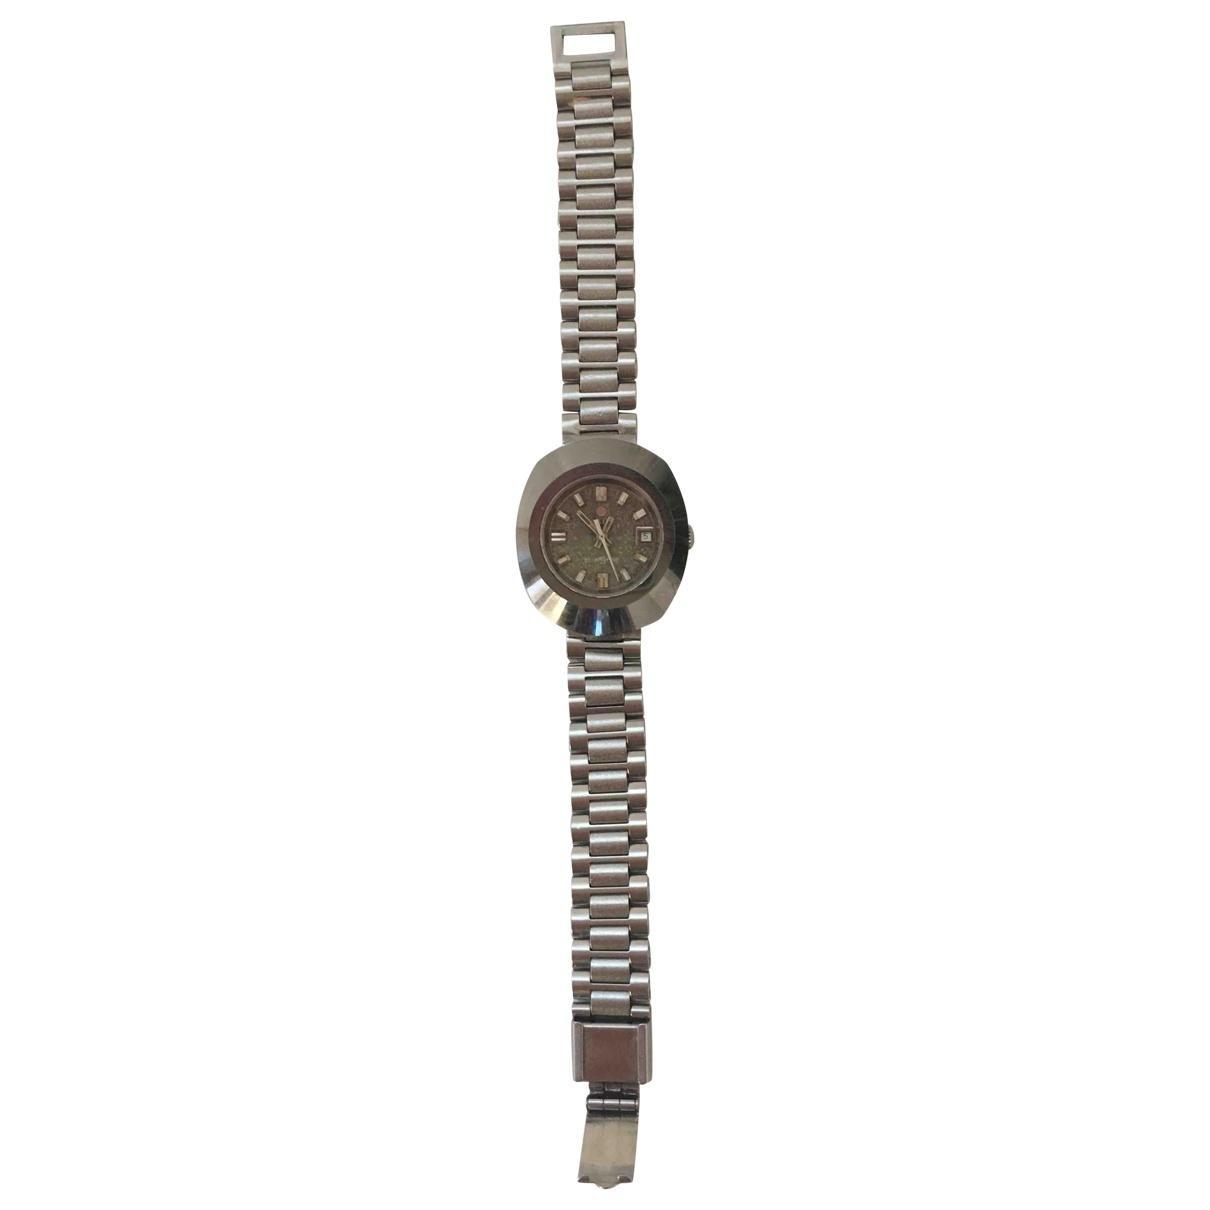 Rado \N Uhr in  Silber Stahl